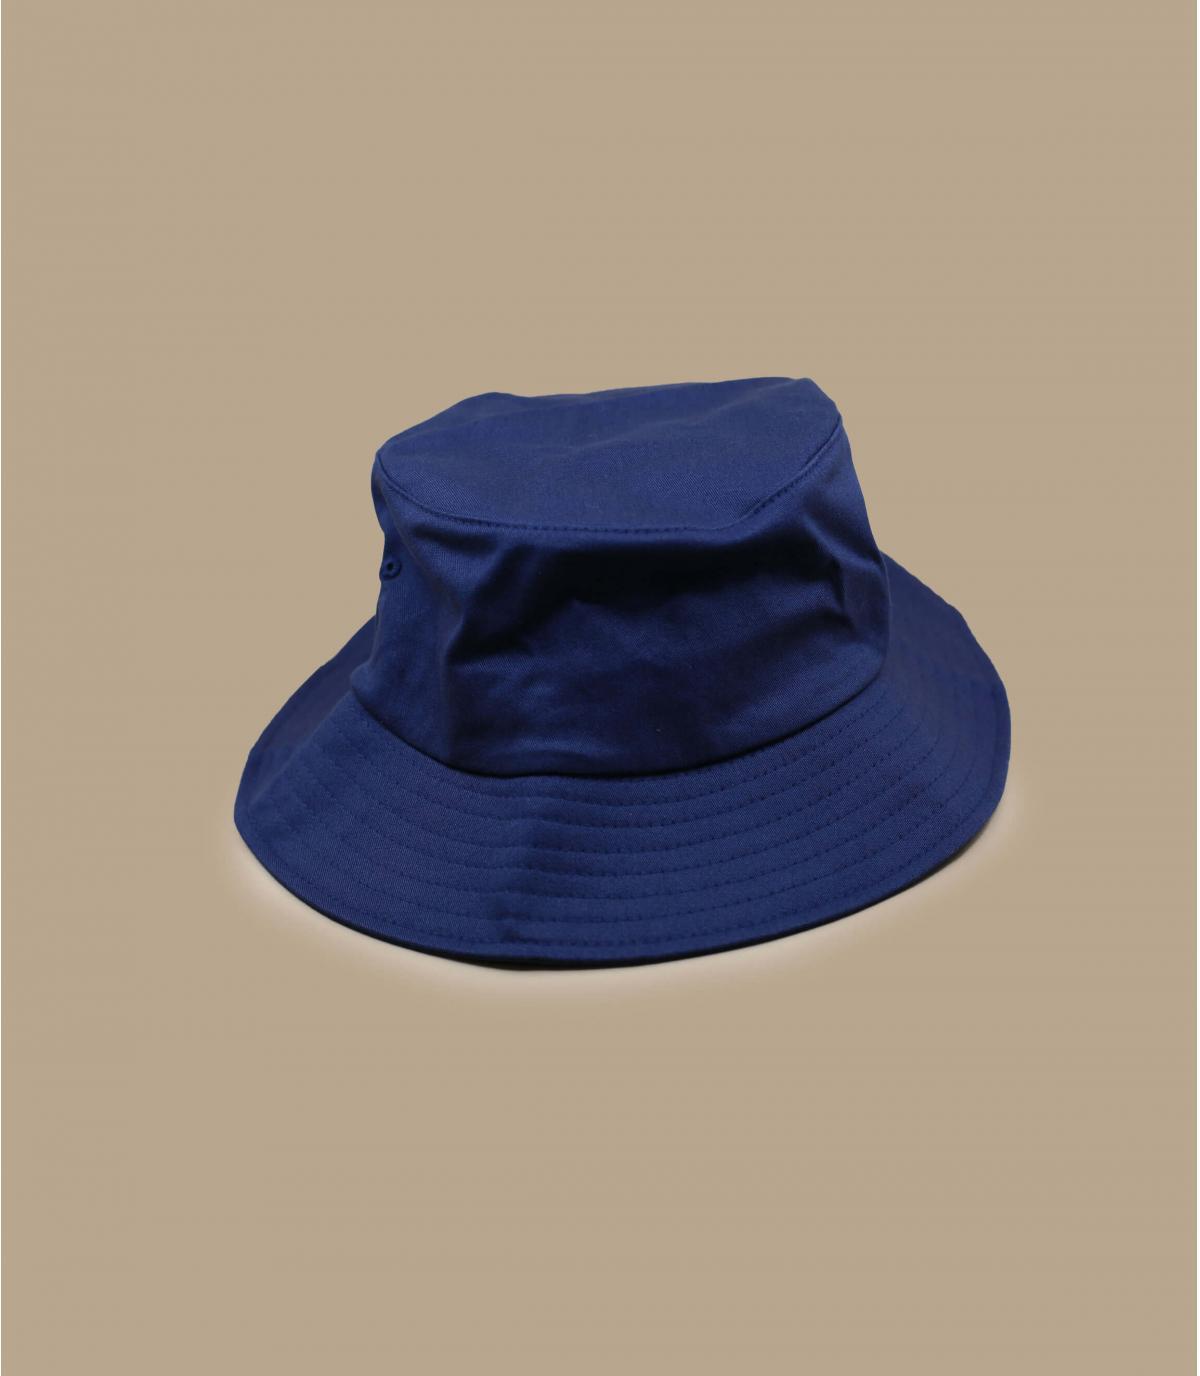 Détails Bob bleu flexfit wm - image 2